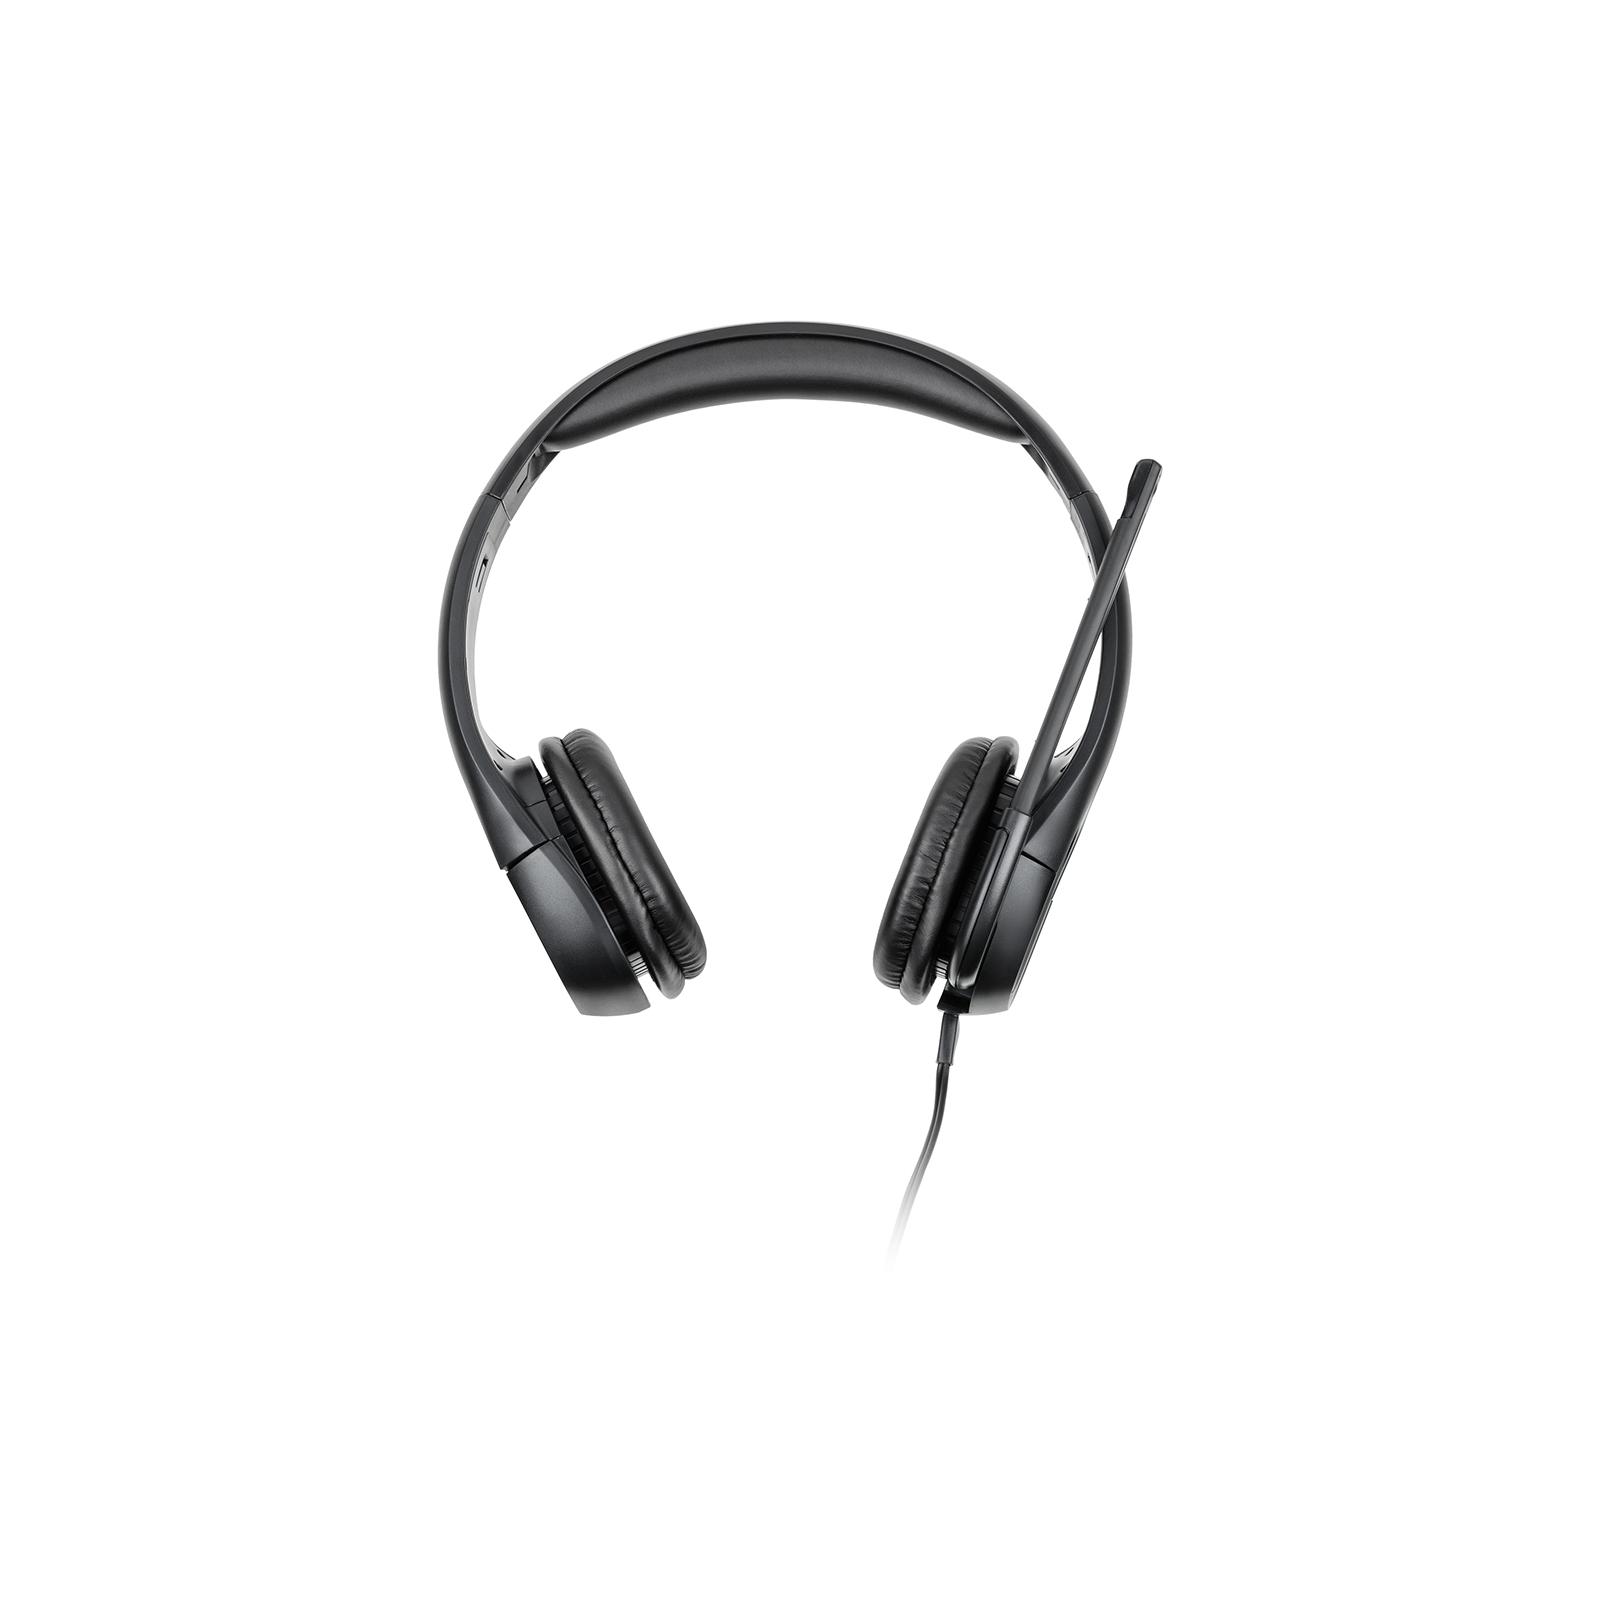 Наушники Plantronics Audio 355 (79730-05) изображение 2